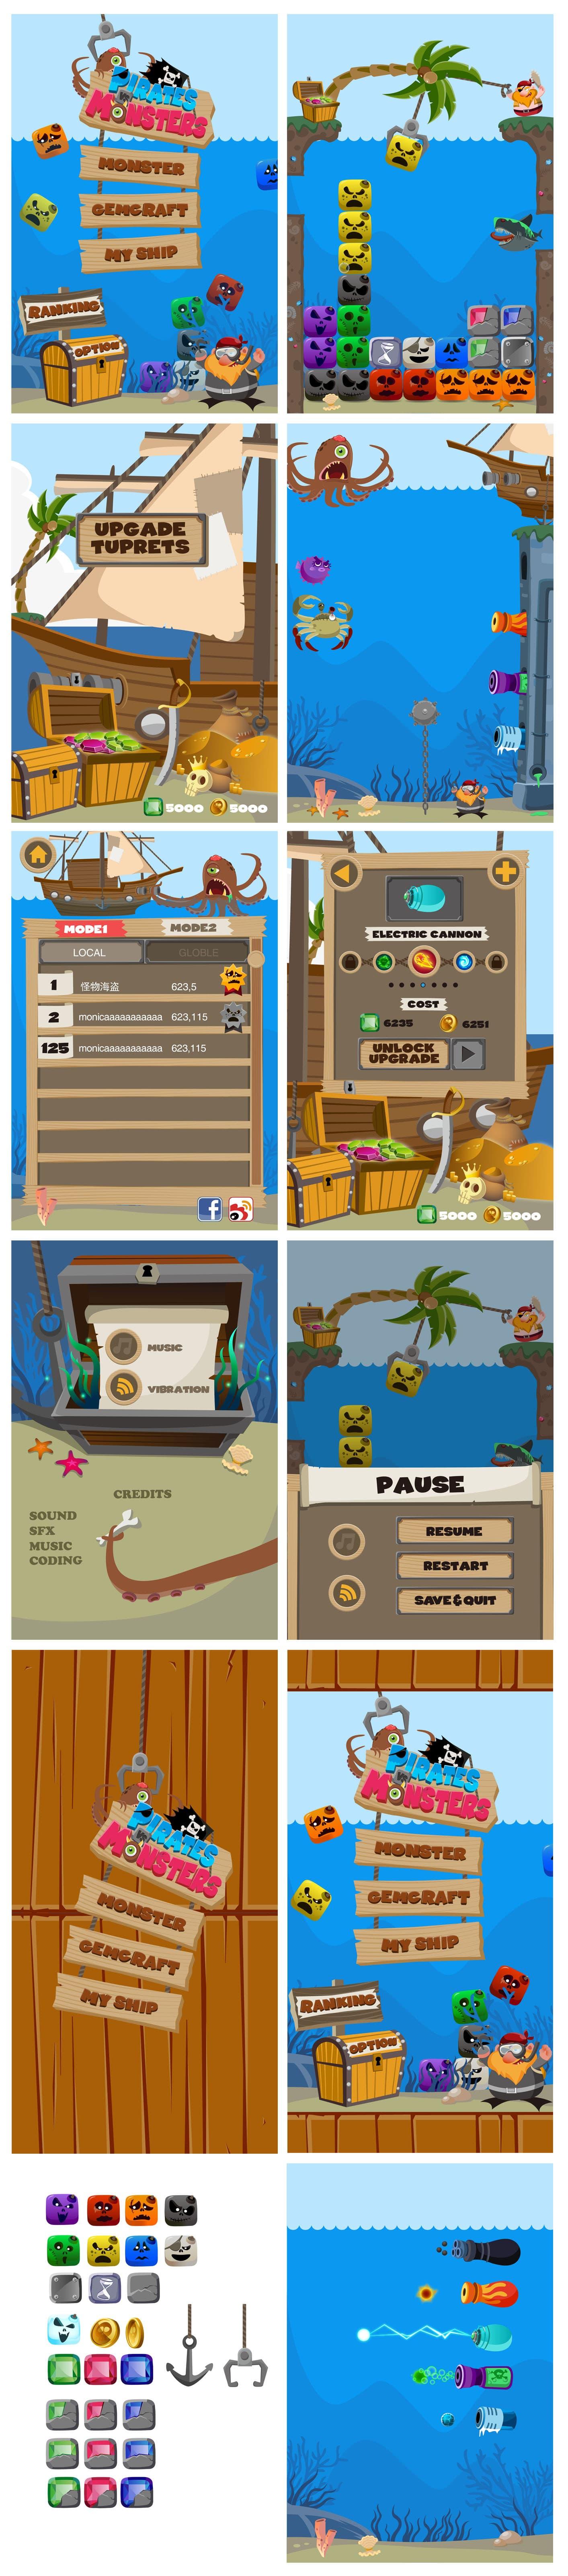 pirate-vs-monster